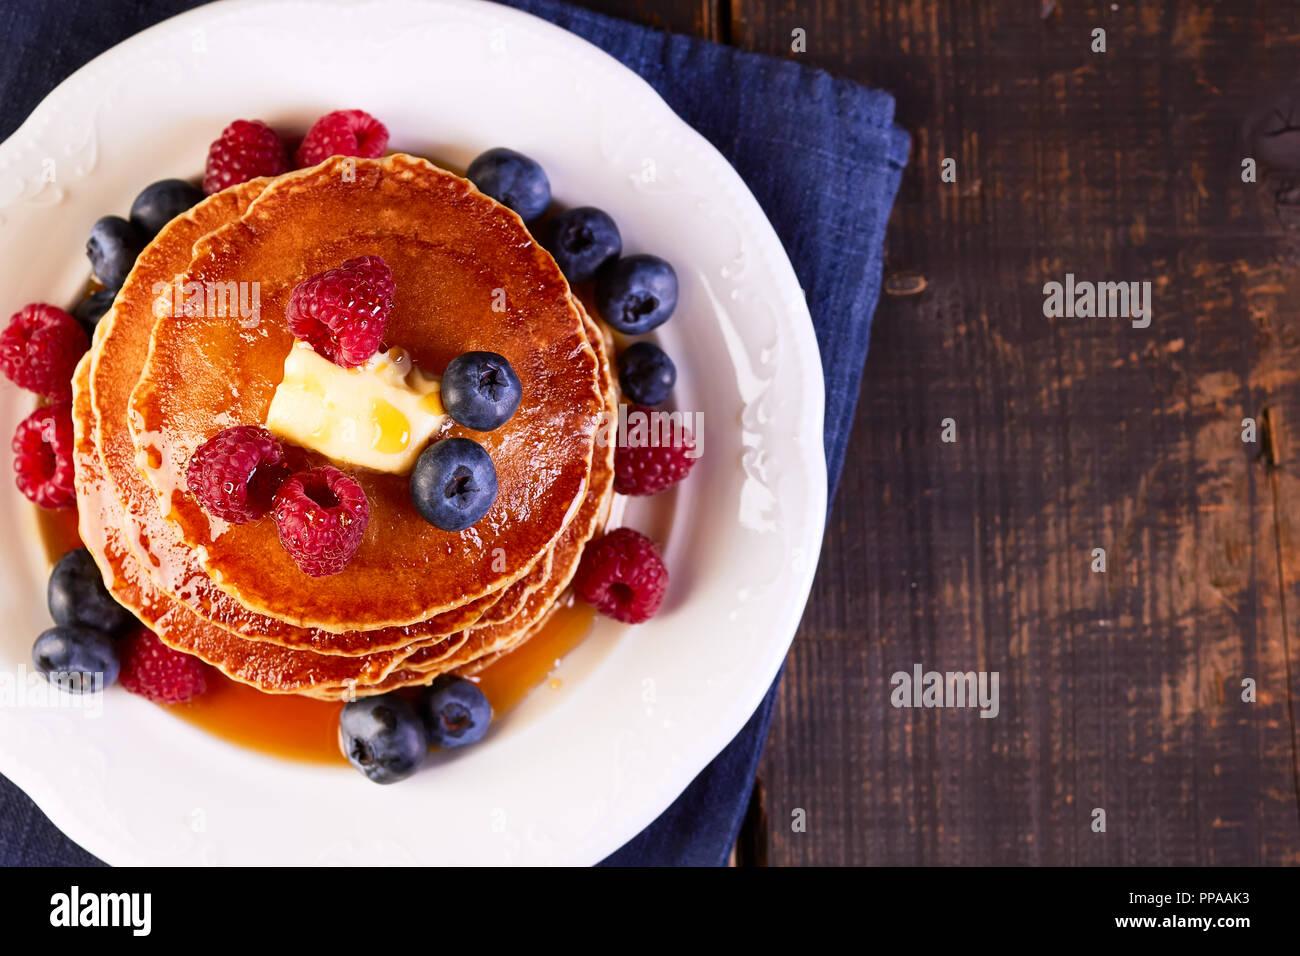 Frittelle con frutti di bosco freschi di sciroppo di acero e burro sul tavolo di legno Immagini Stock